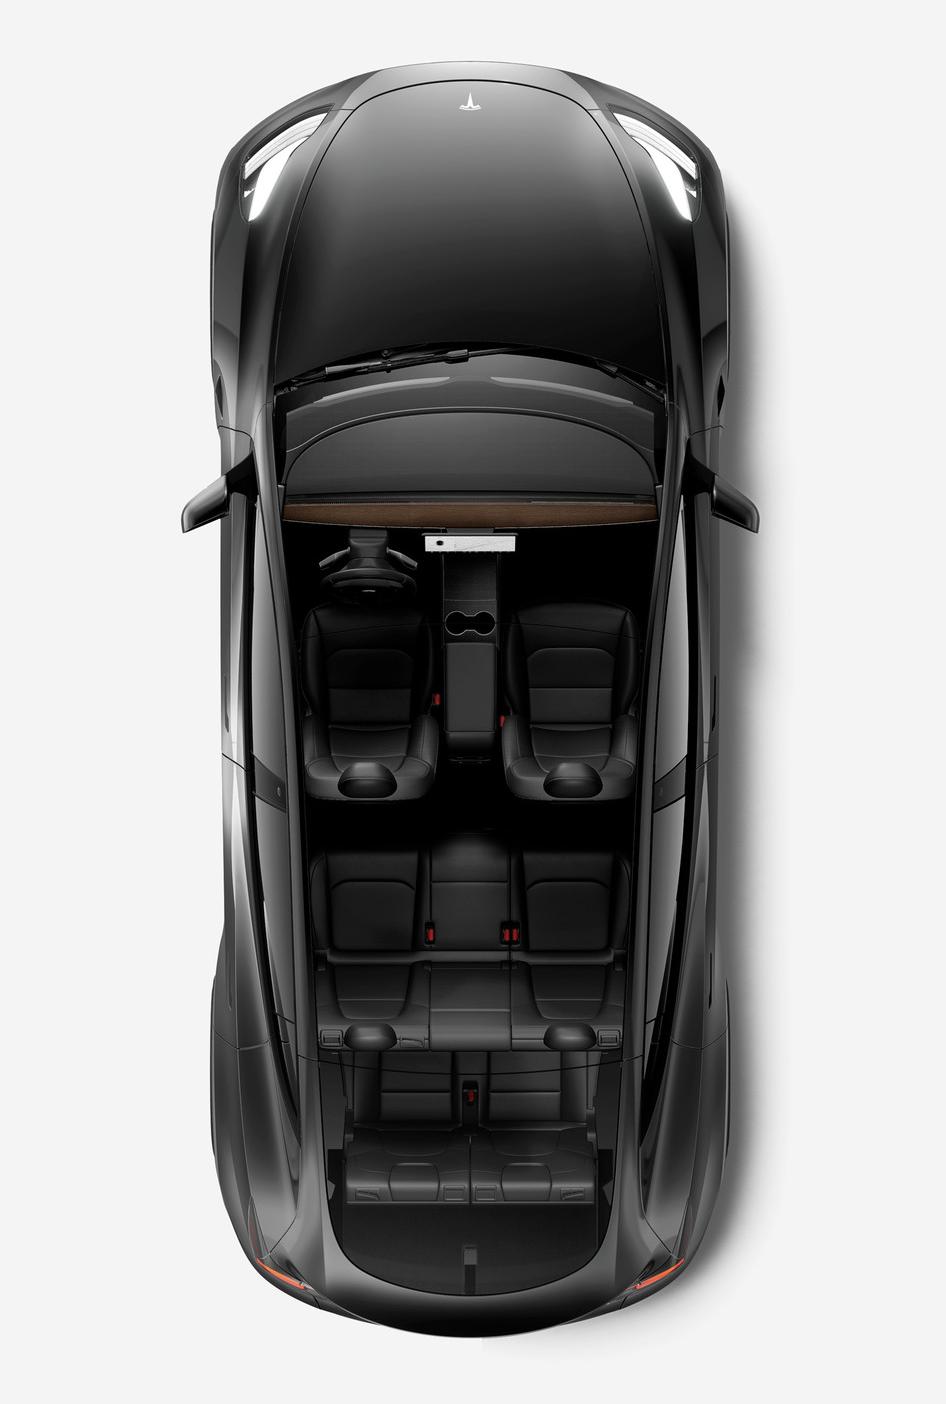 Telsa-model-y-third-row-seat